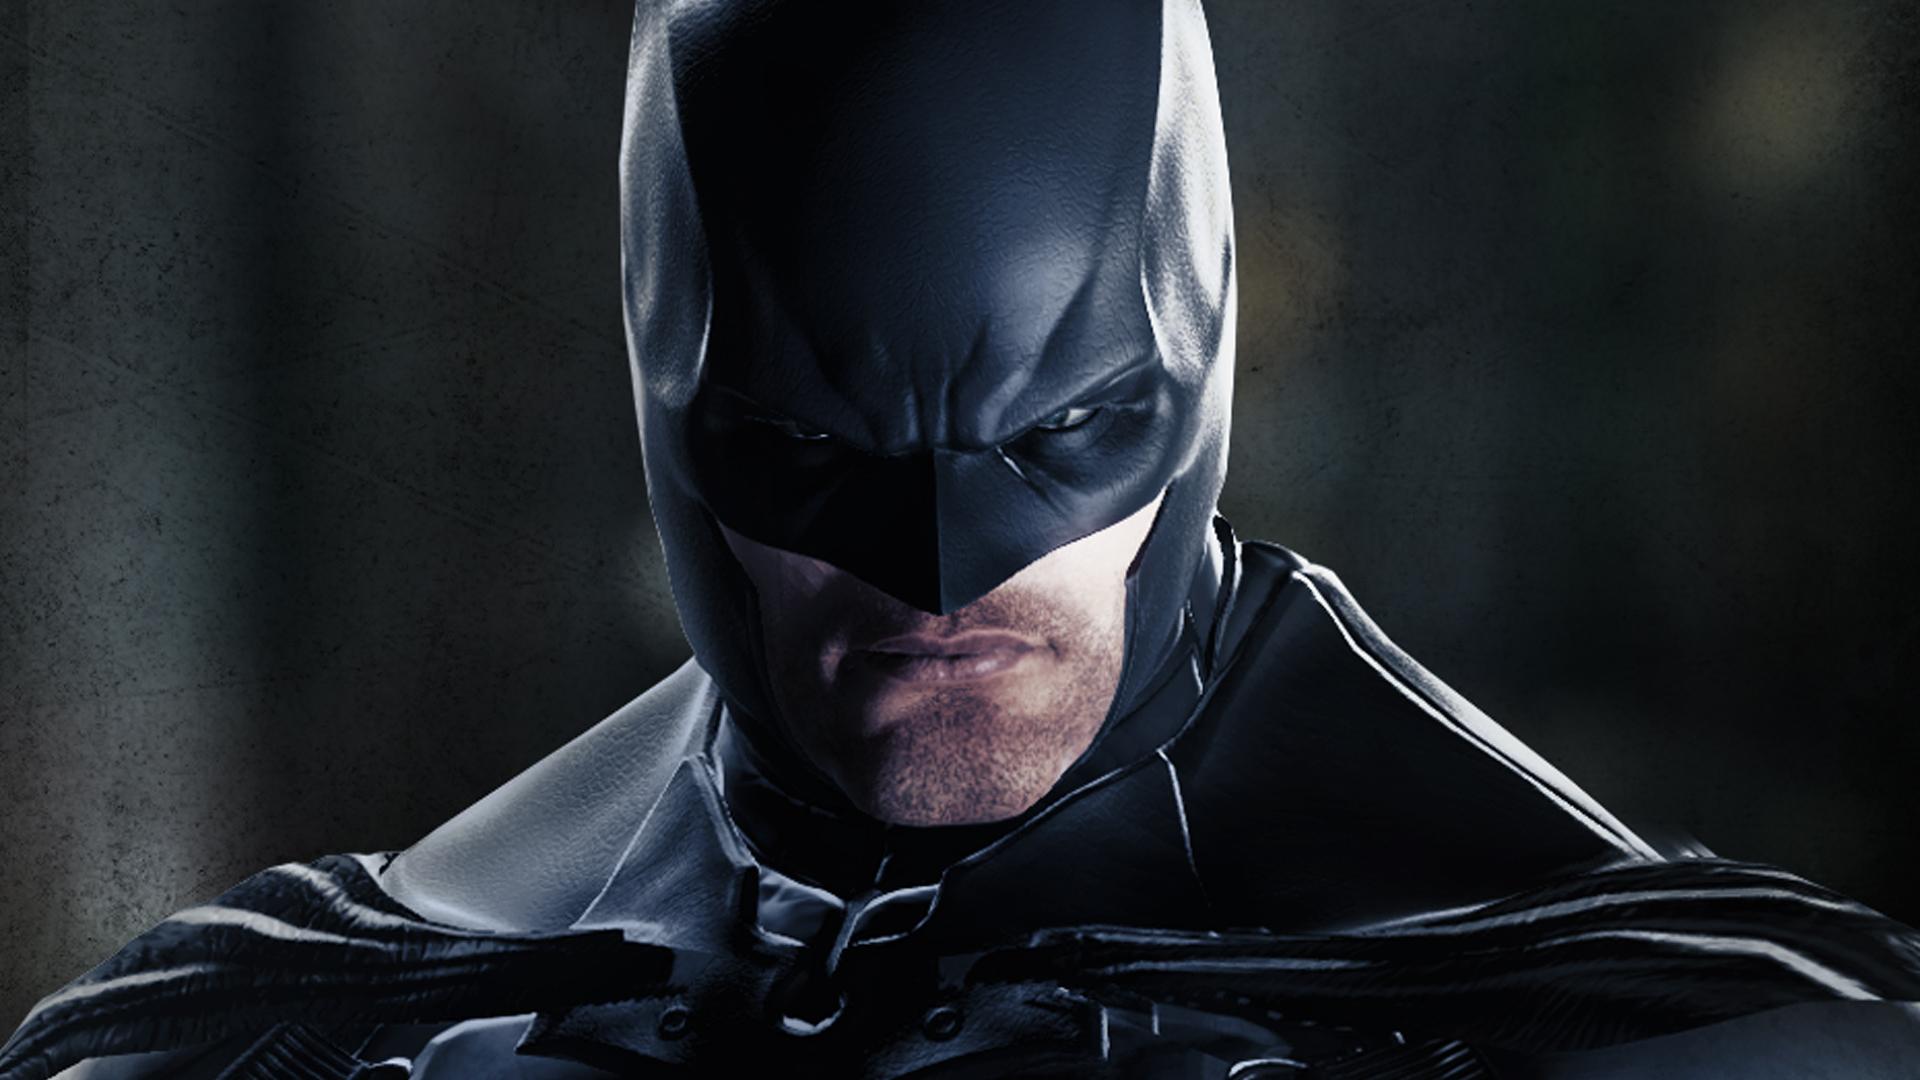 Batman Arkham Origins Wallpaper: Batman: Arkham Origins - Batman